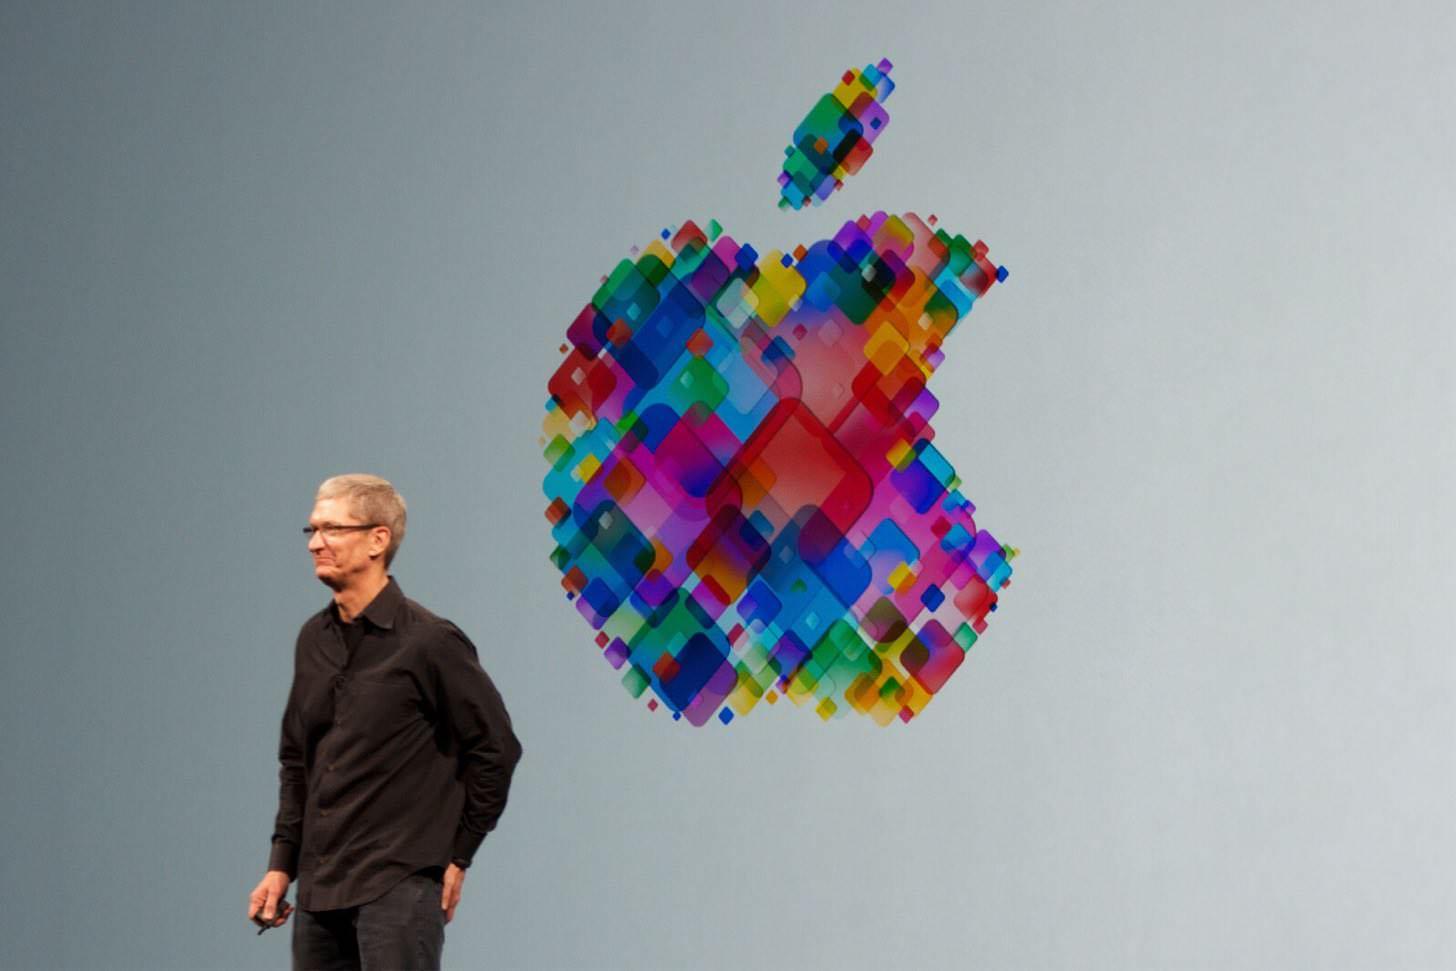 Appleは語る。「iOS 9のシェアはすでに全体の50%を超えた。」